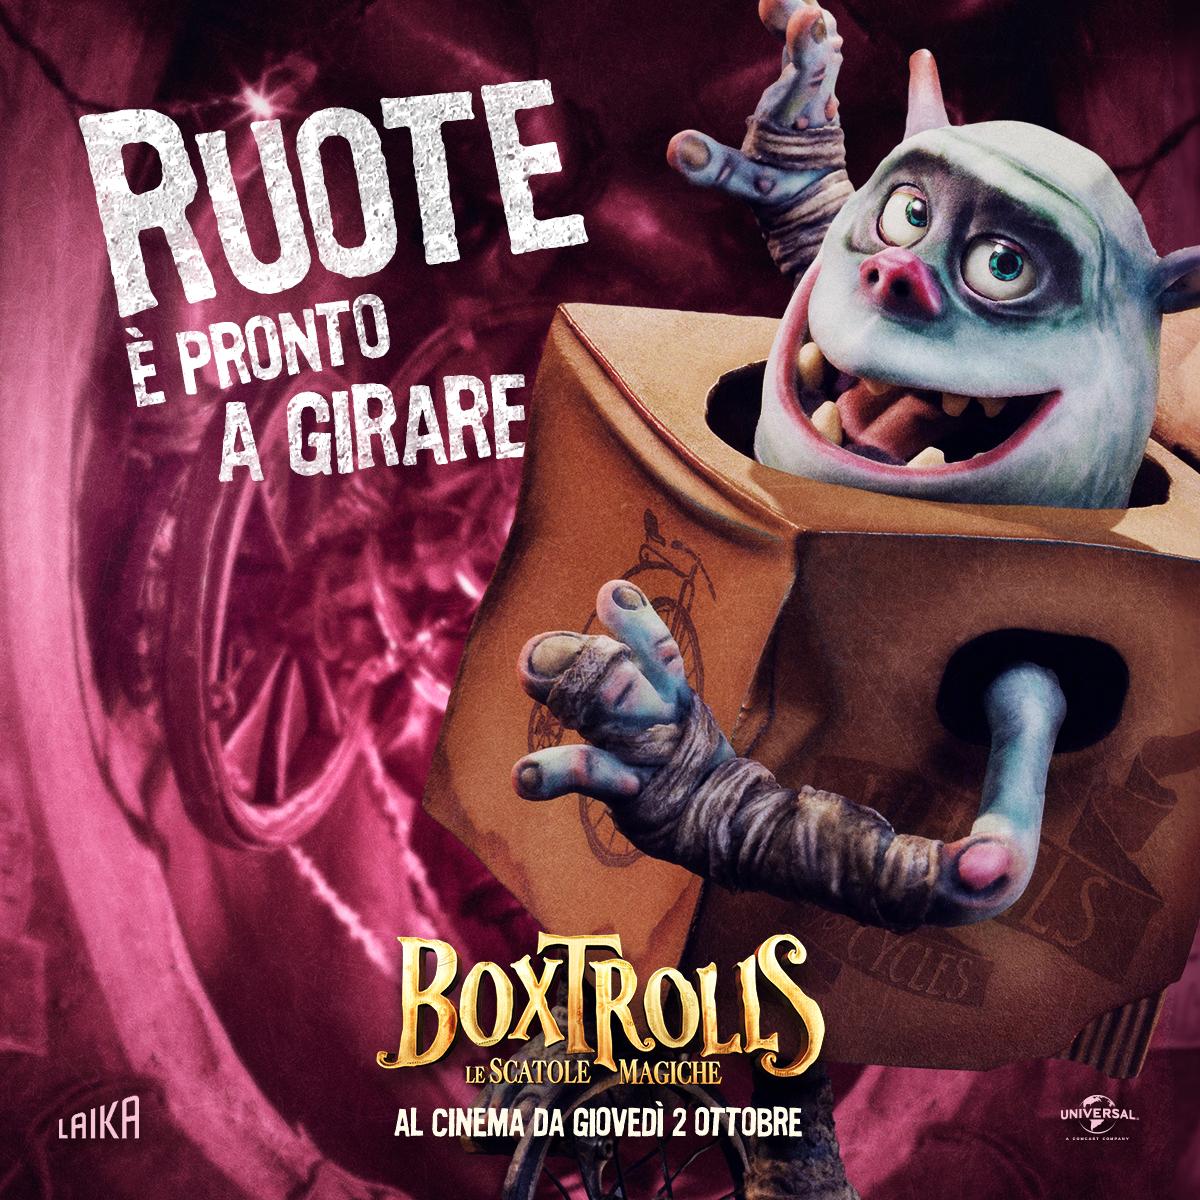 Boxtrolls - Le scatole magiche: il character banner italiano di Ruote